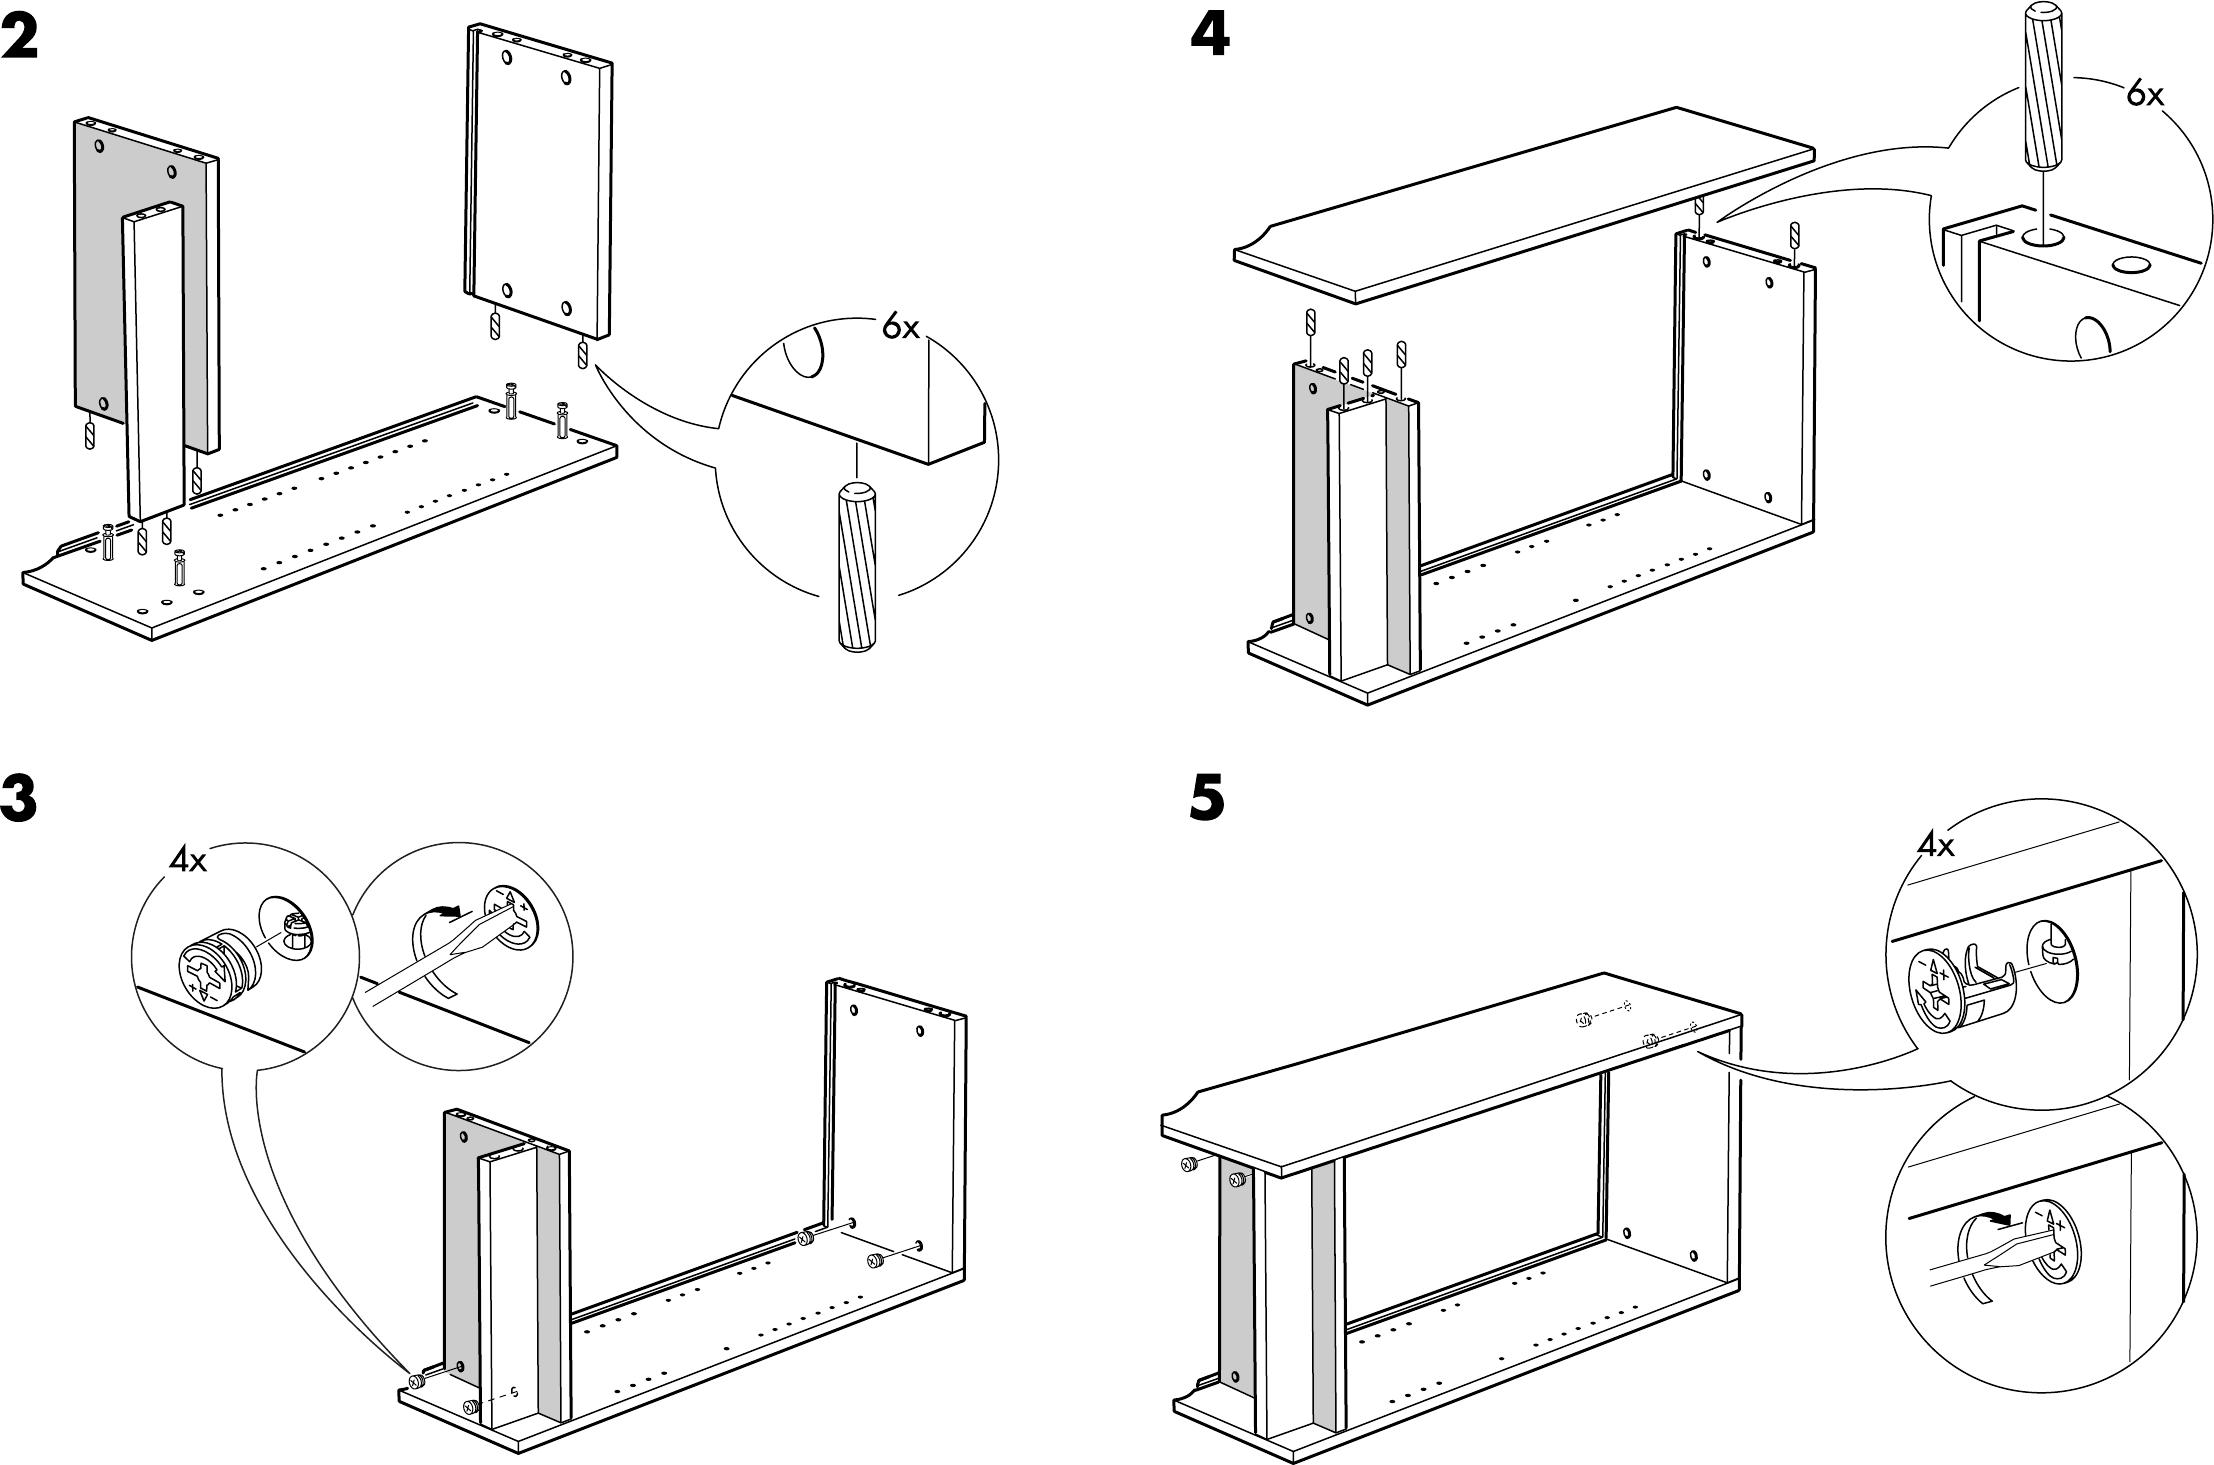 bedienungsanleitung ikea billy boekenkast seite 4 von 4 d nisch deutsch englisch spanisch. Black Bedroom Furniture Sets. Home Design Ideas